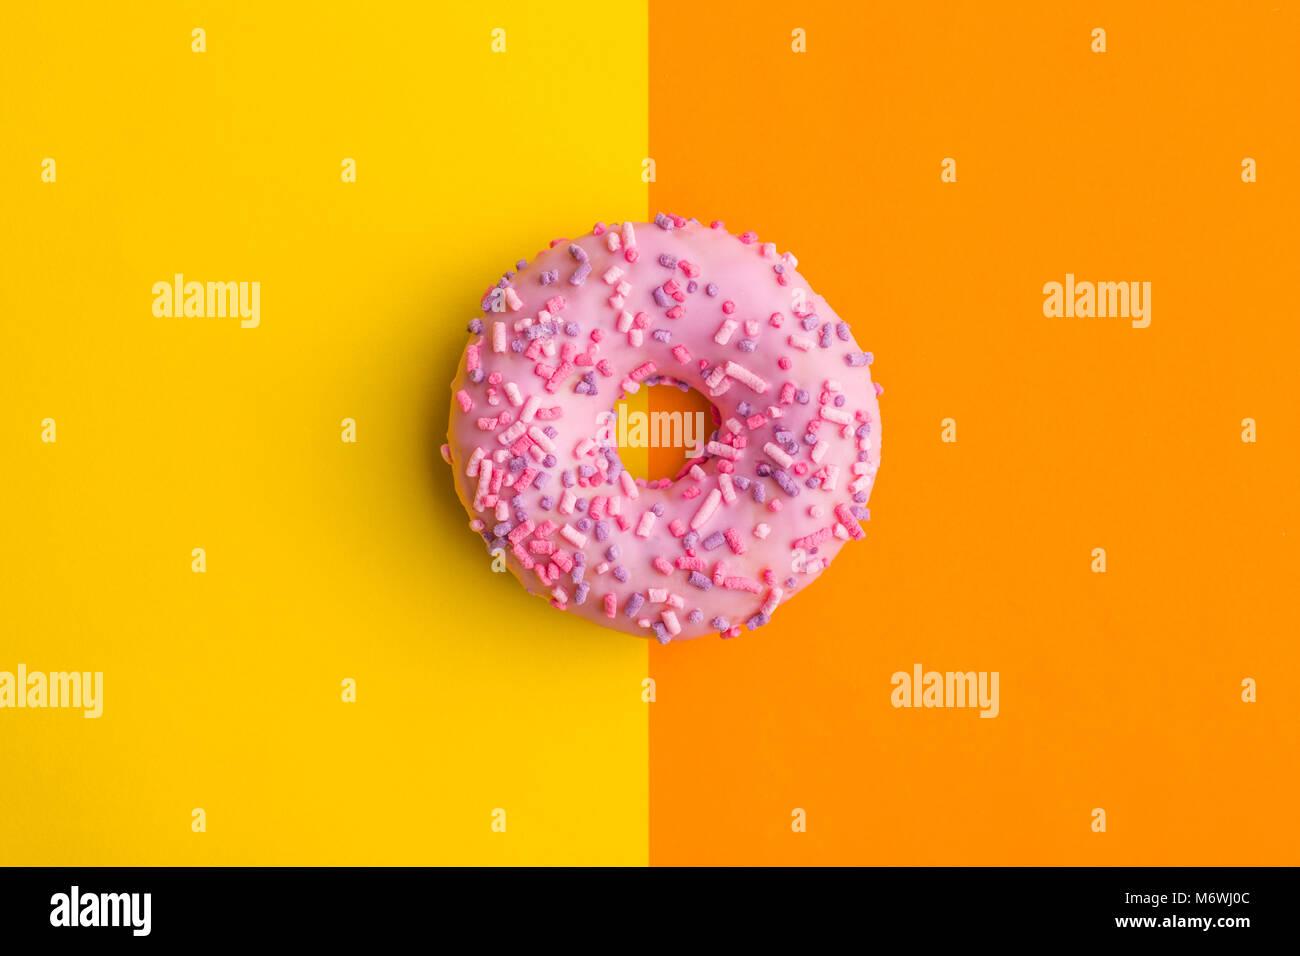 Un donut rose sur double fond coloré. Photo Stock